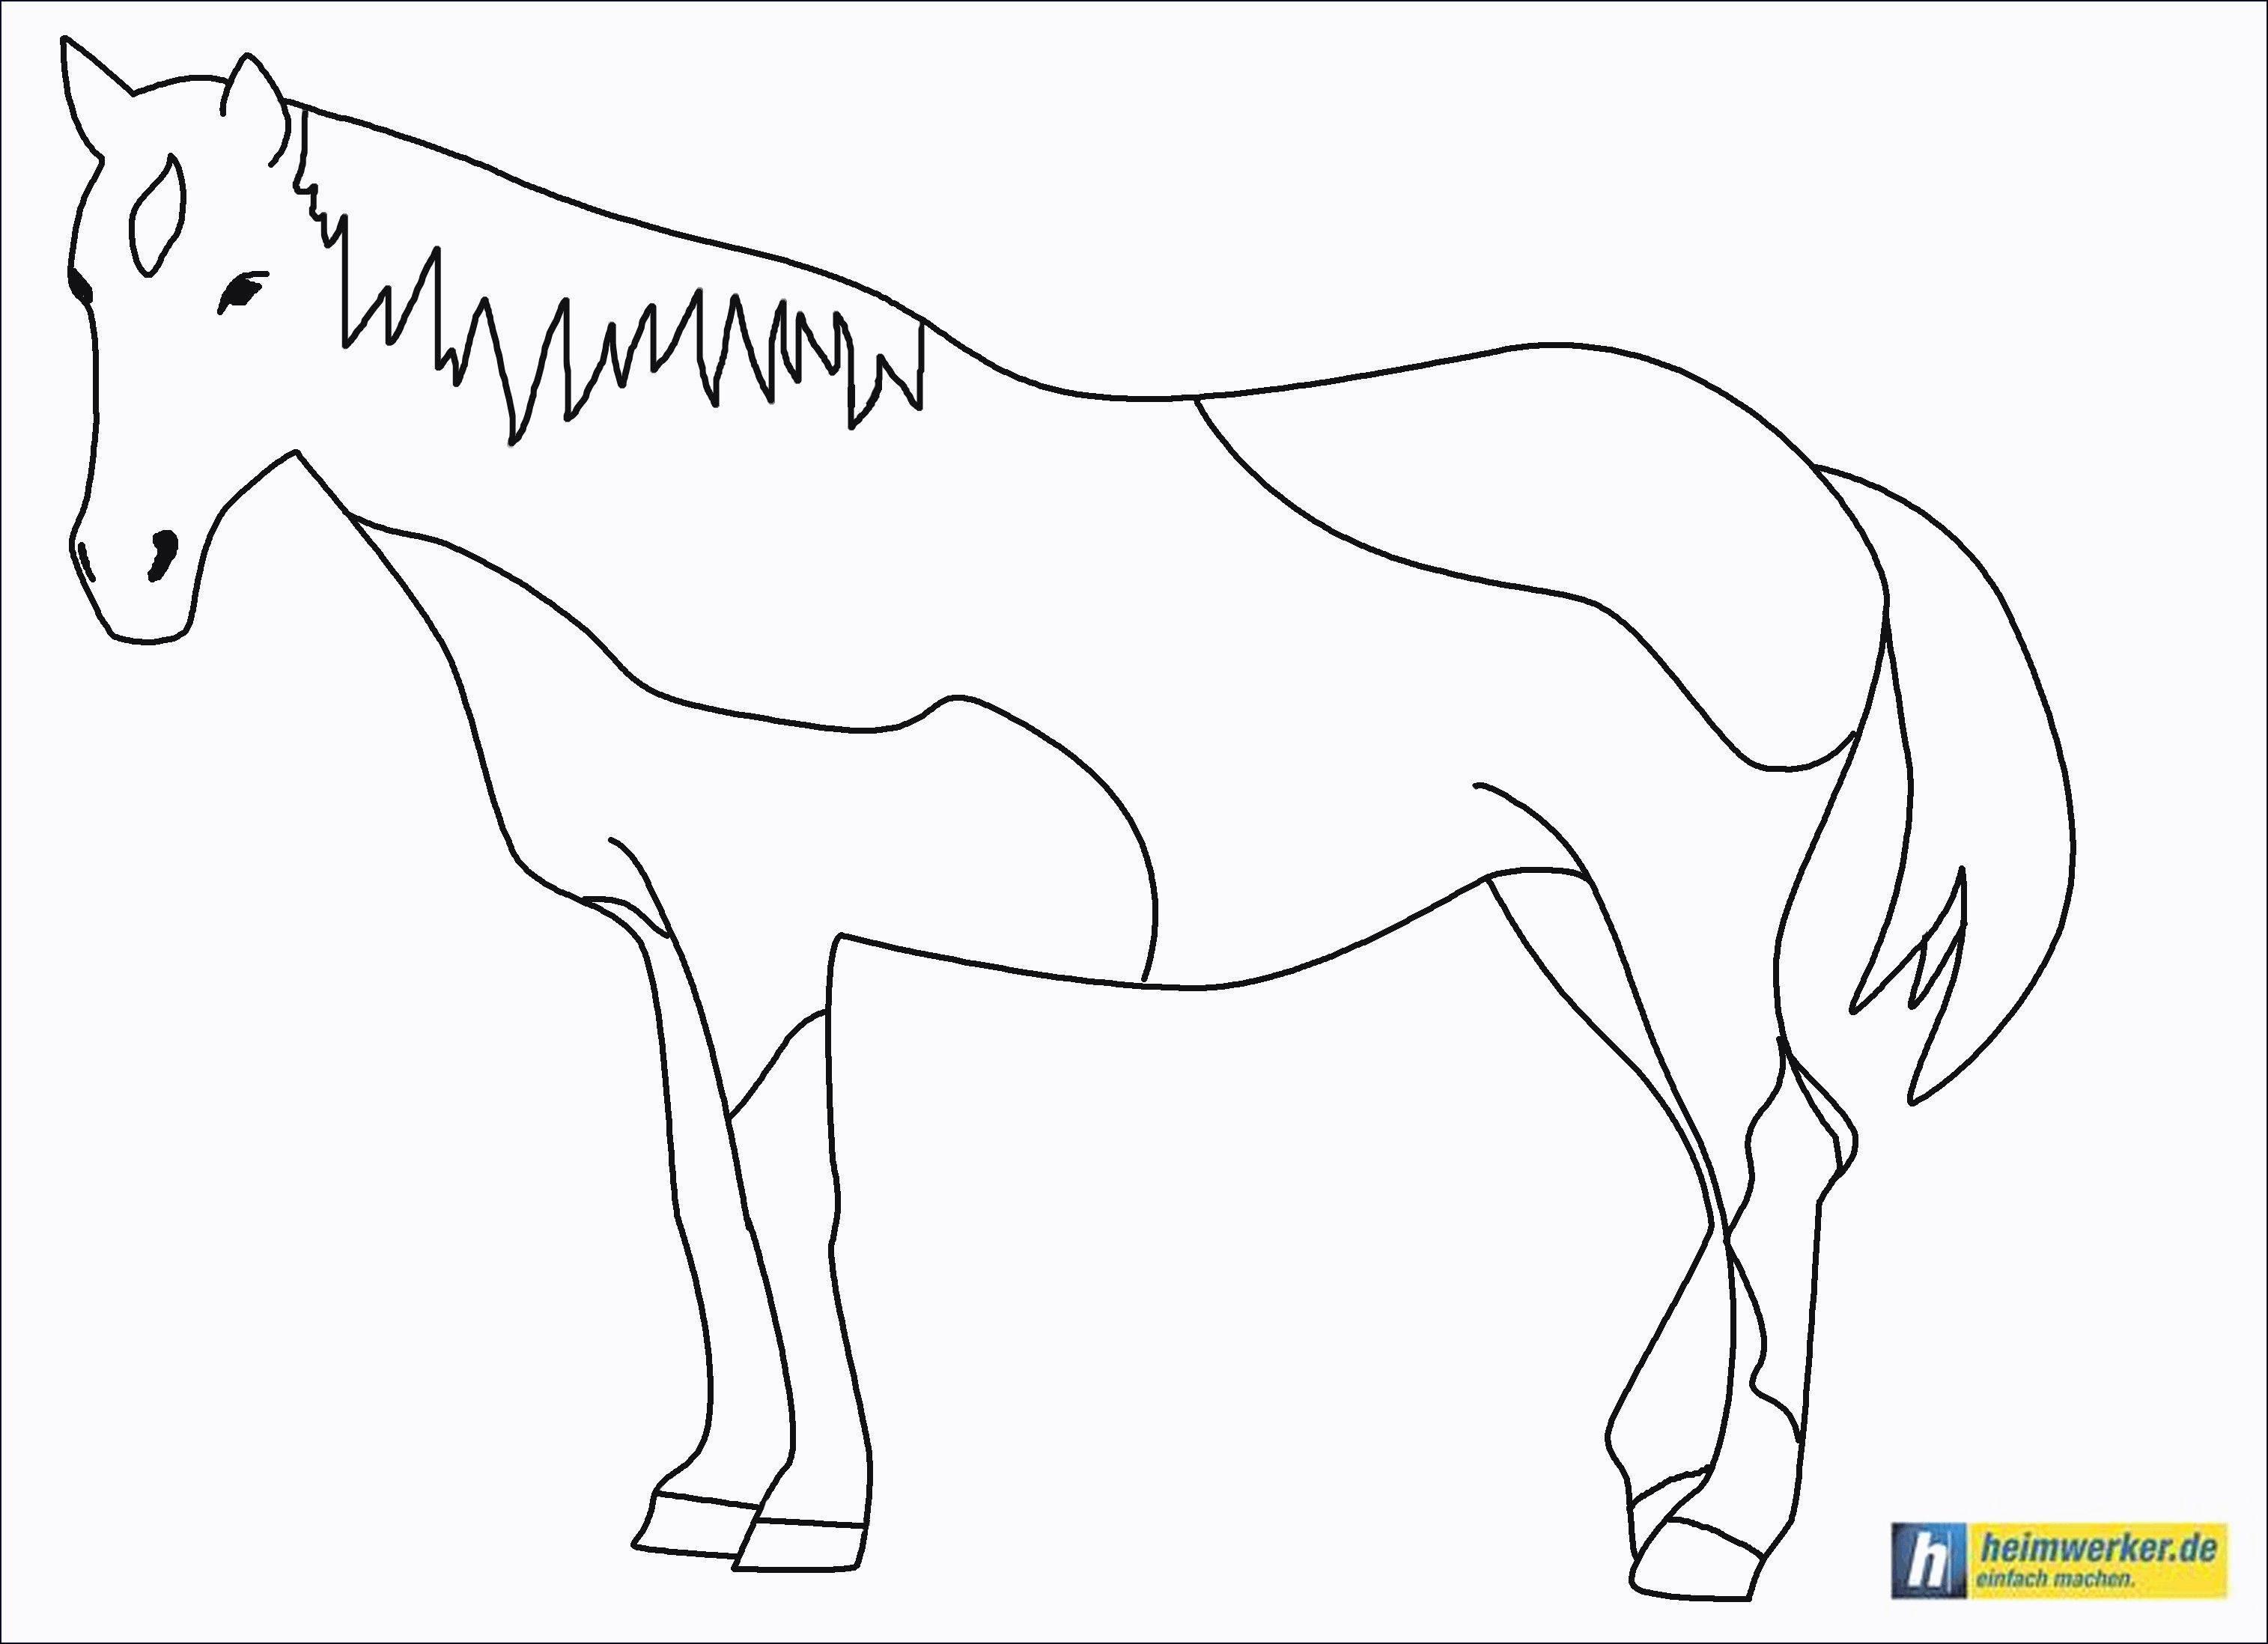 Pferde Ausmalbilder Mit Reiter Das Beste Von 45 Pferd Mit Reiter Ausmalbild Bilder